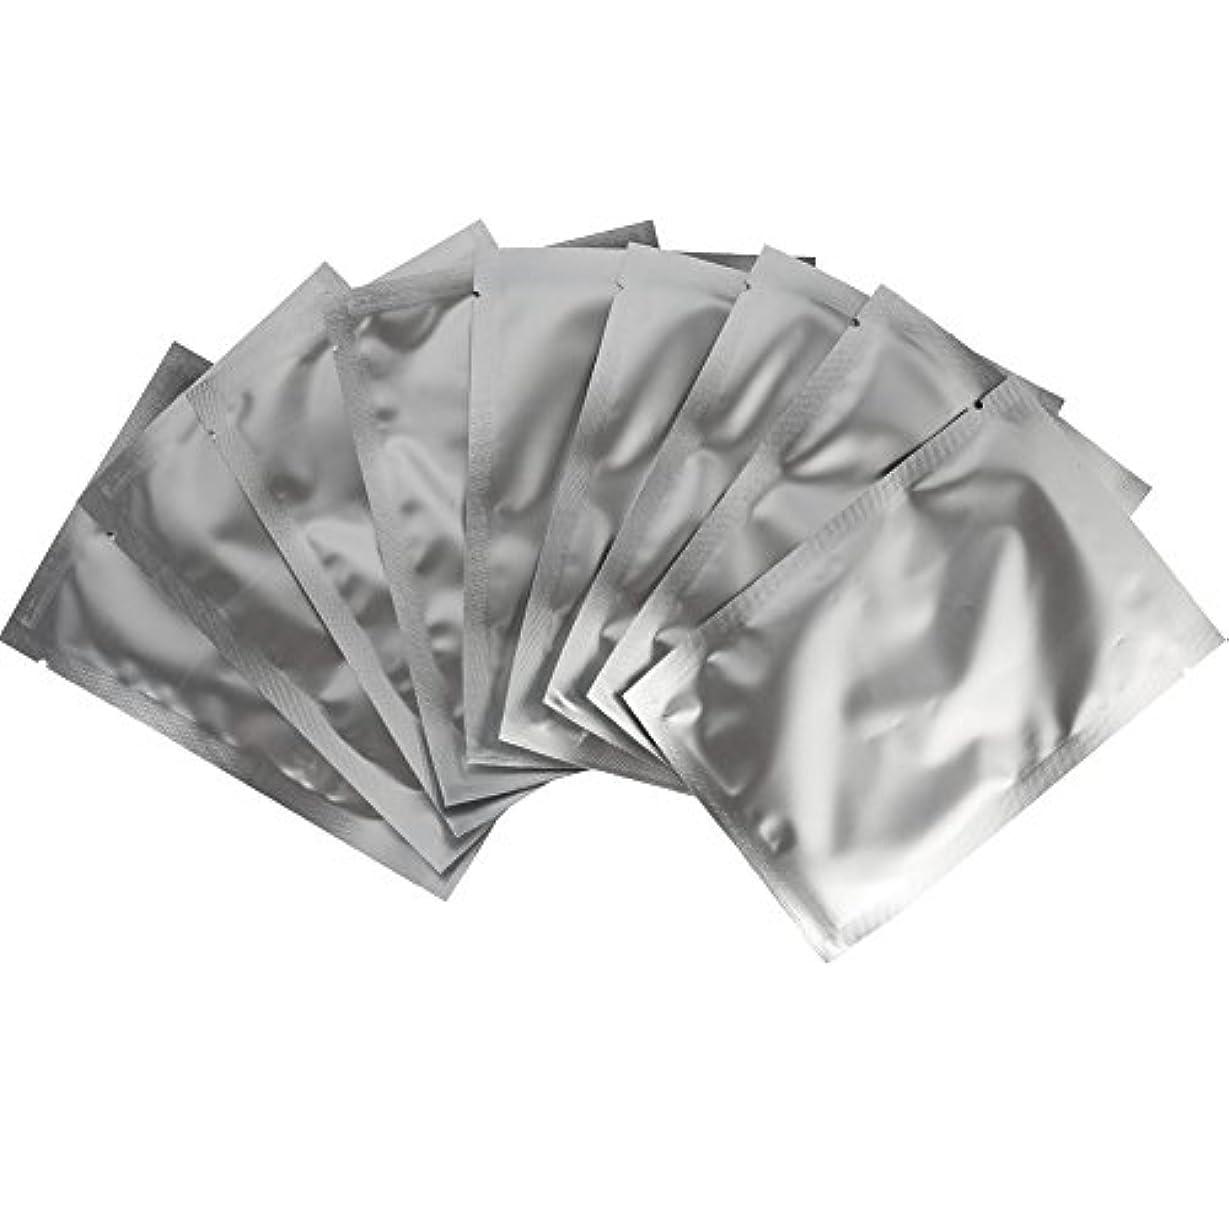 慰め重要な冬10PCSしわパッチ、抗しわ抗フェイスマスクパッチライン保湿肌修理粘着パッド